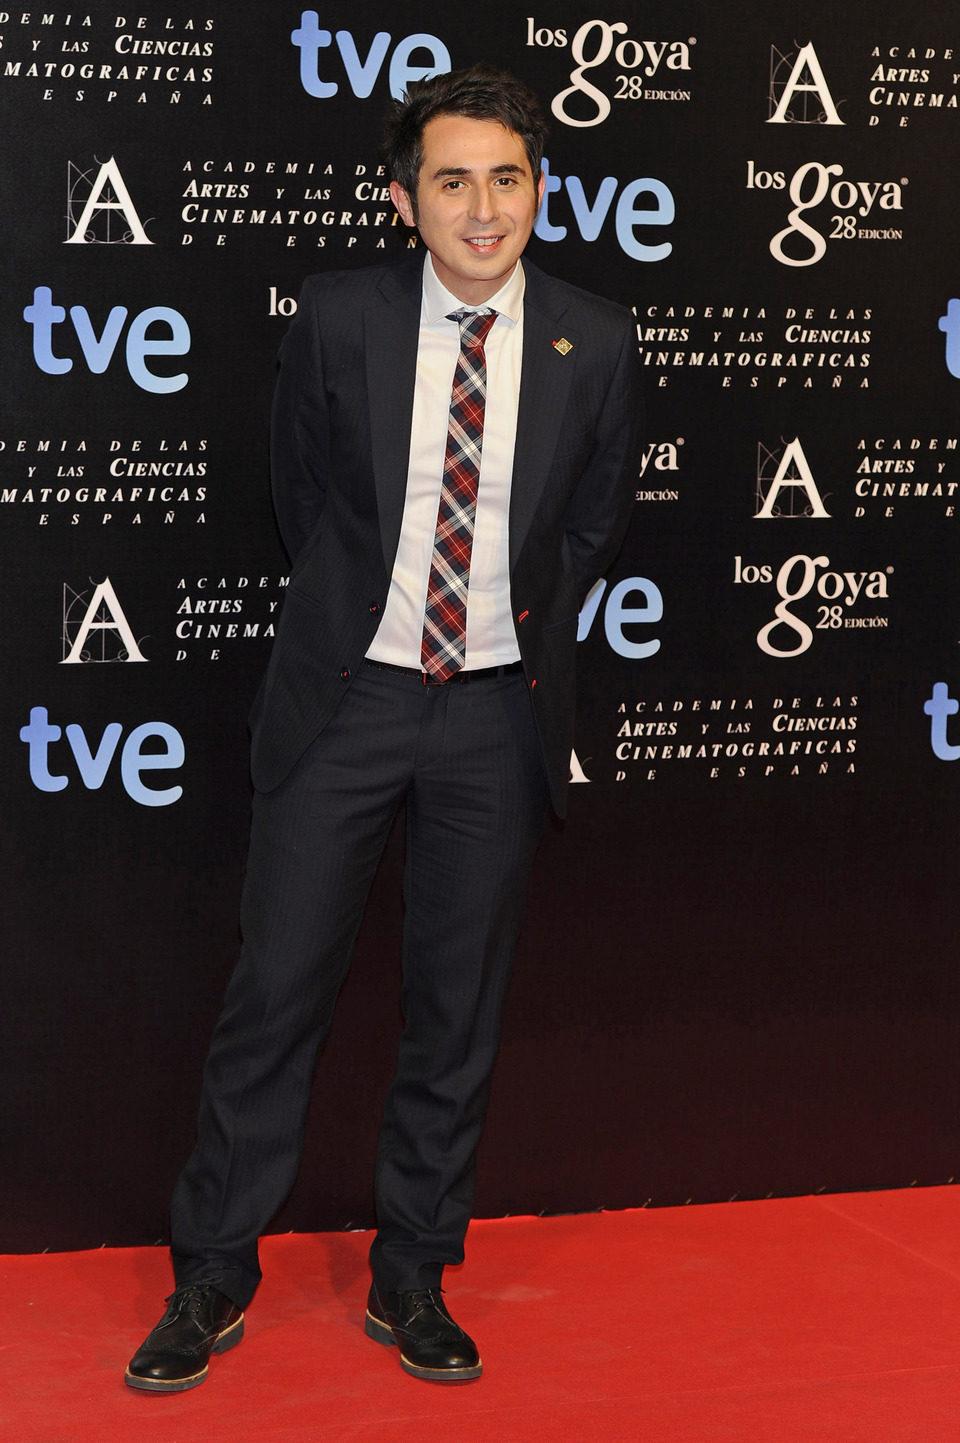 Berto Romero en la alfombra roja de la fiesta de los nominados a los premios Goya 2014